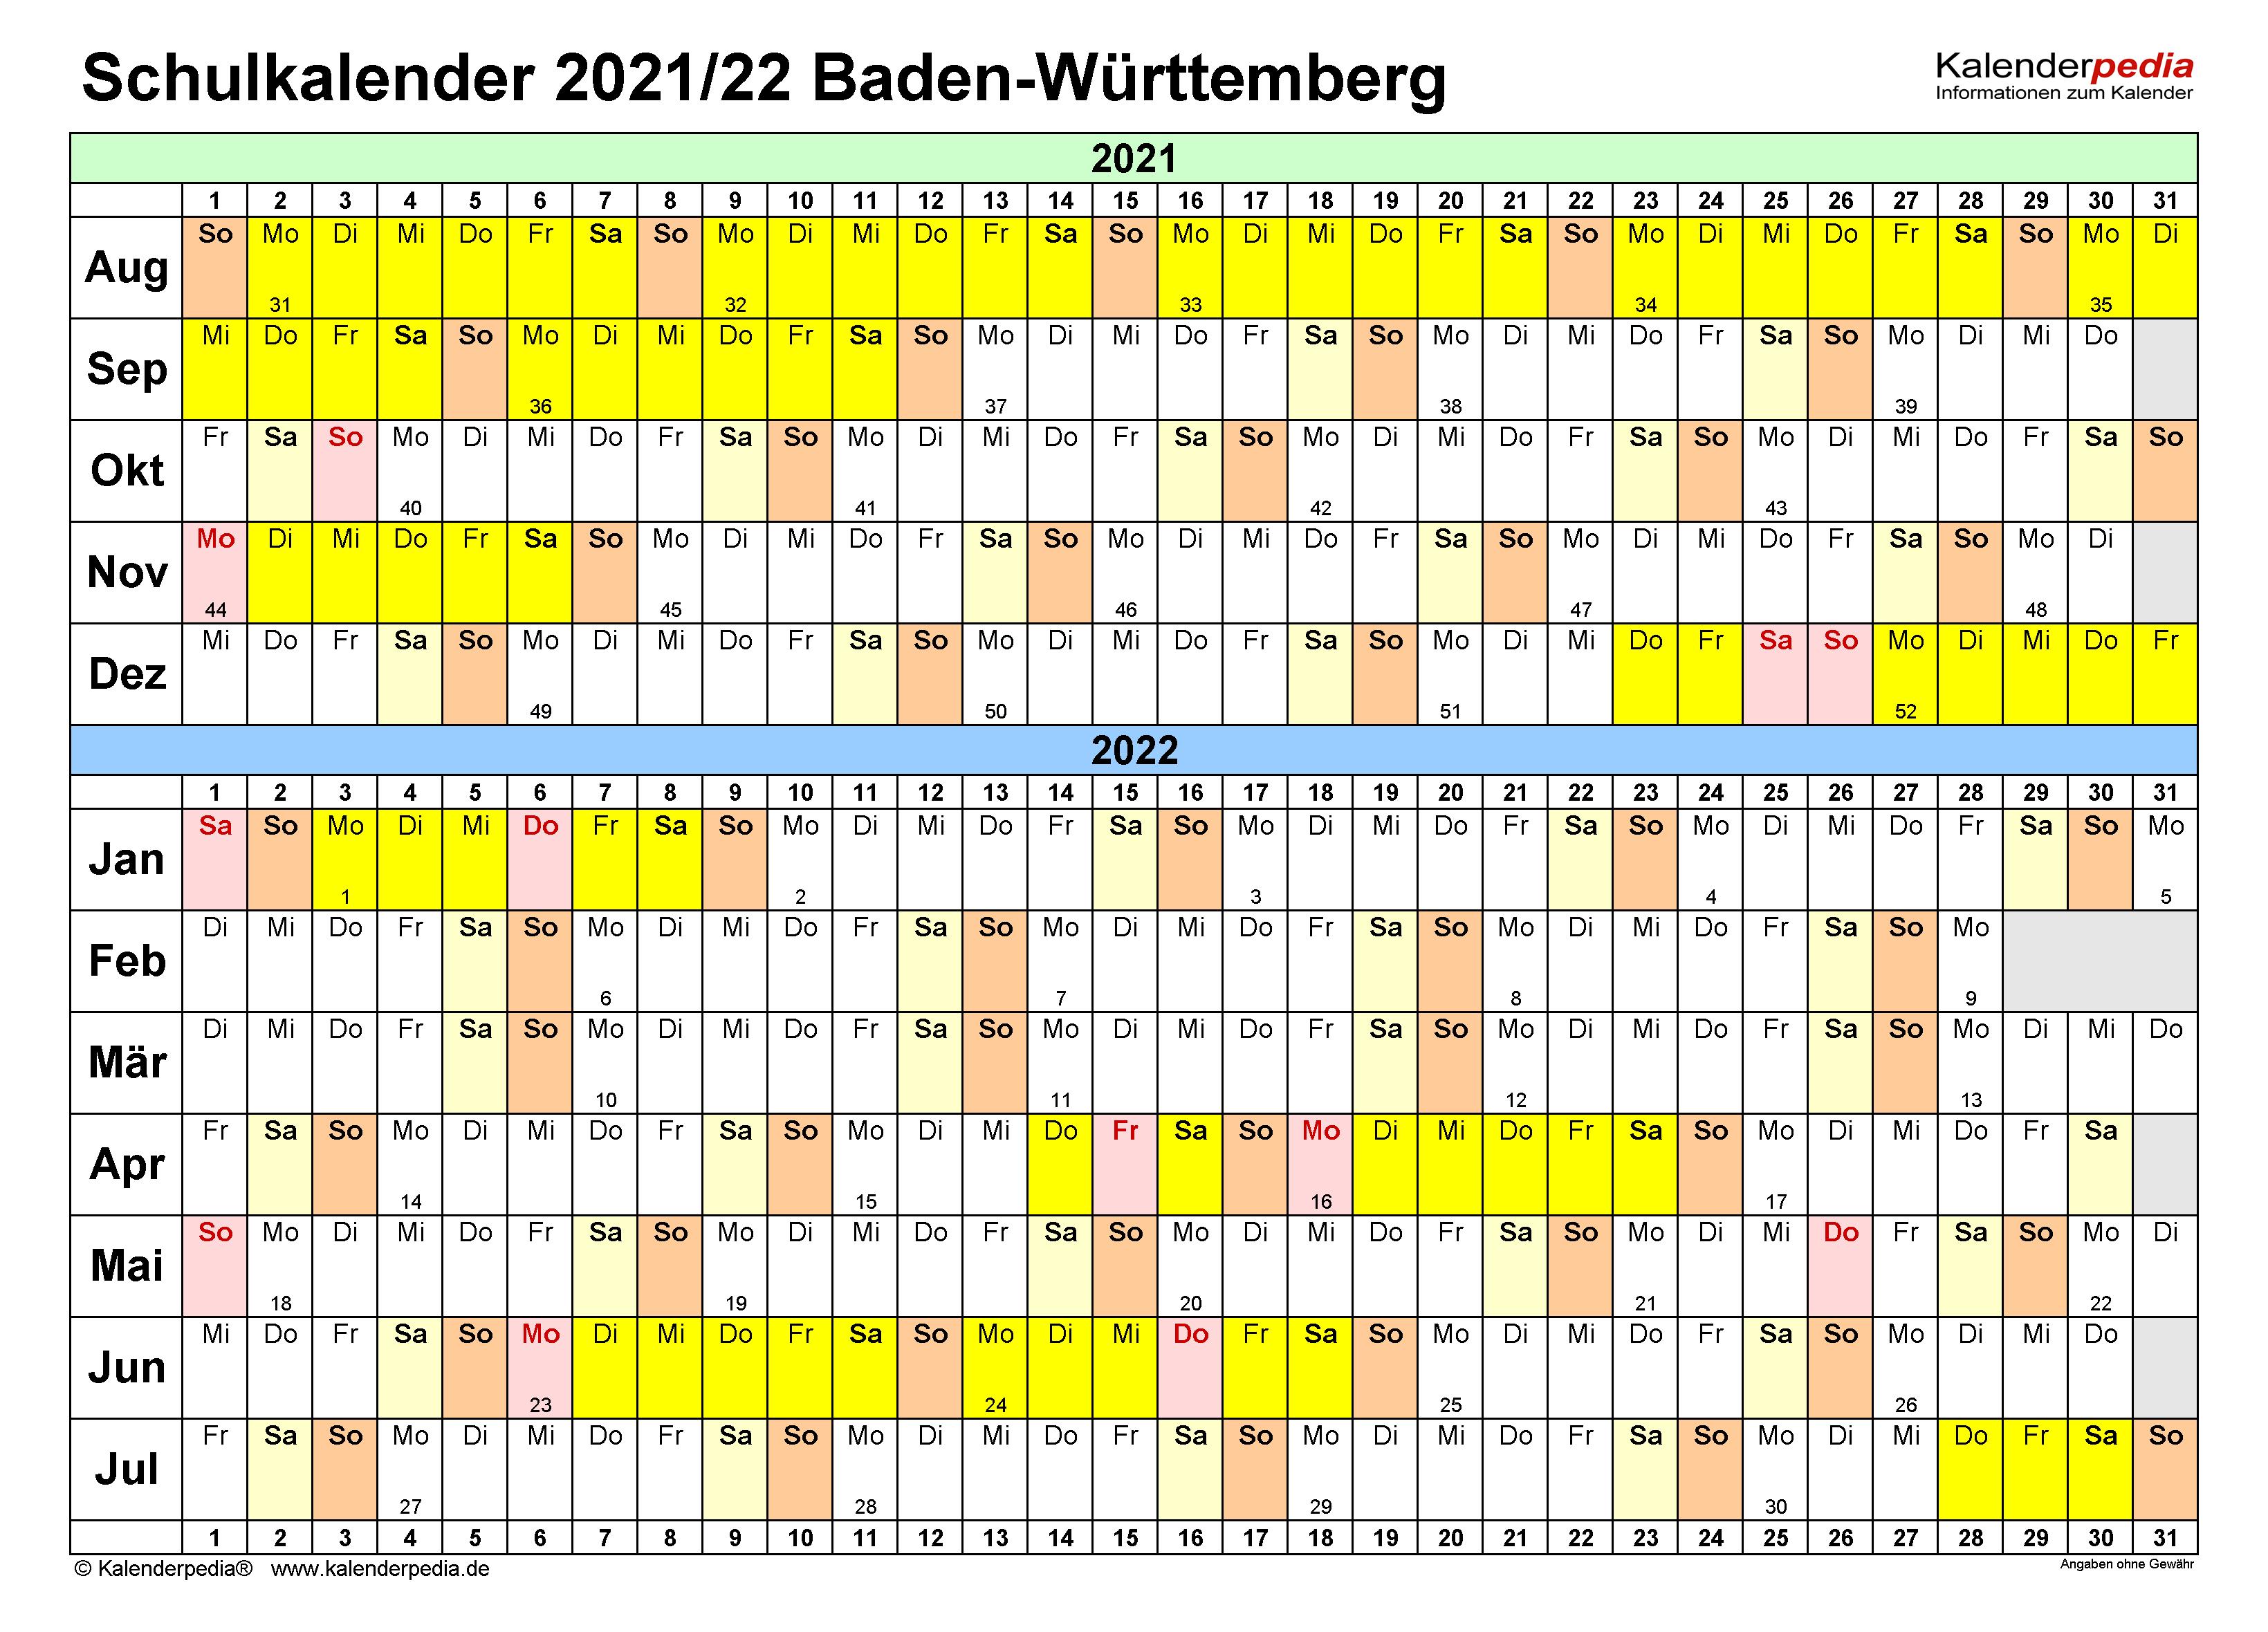 Schulkalender 2021/2022 Baden-Württemberg für Excel